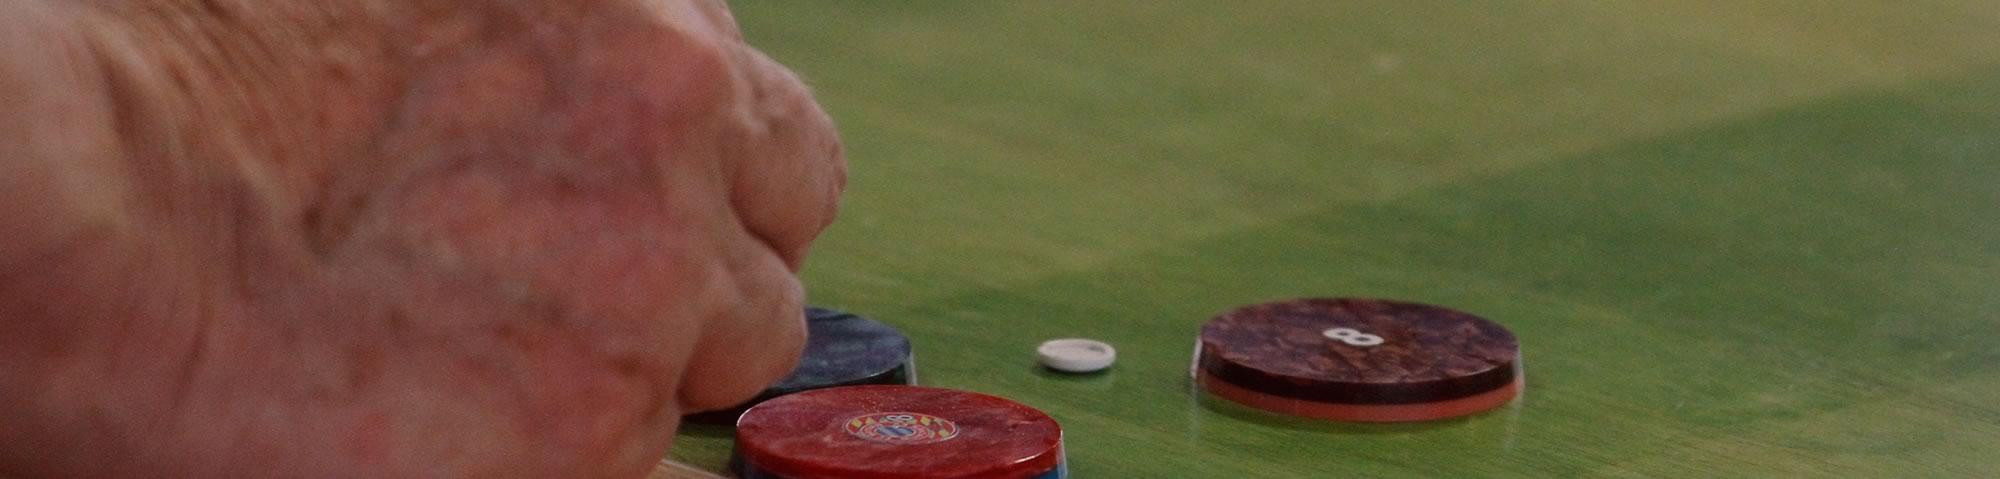 Futebol de botão em Santana